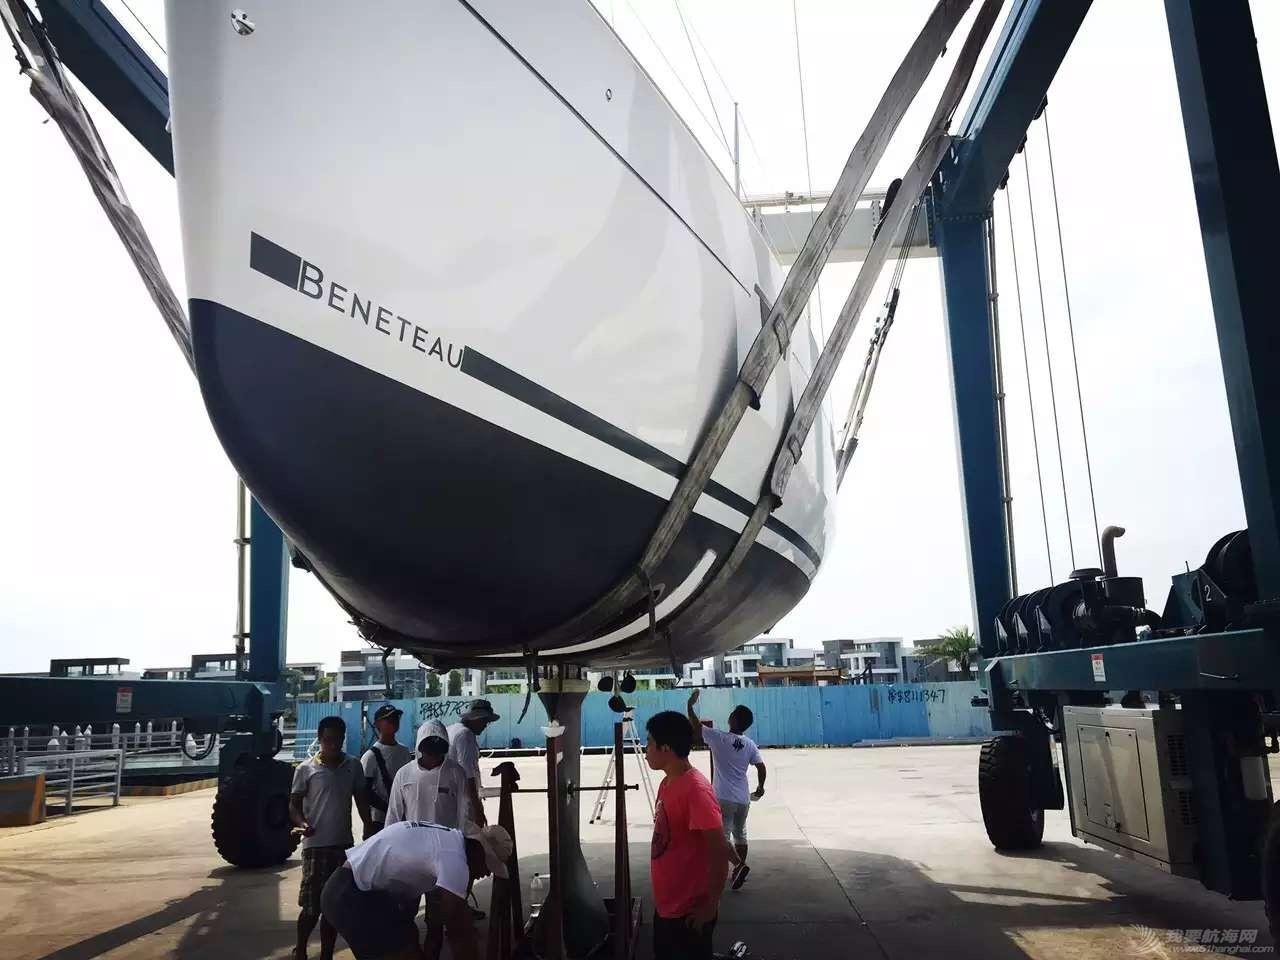 博纳多OCEANIS 45现船到港,静候未来的主人。 302571538270449409.jpg